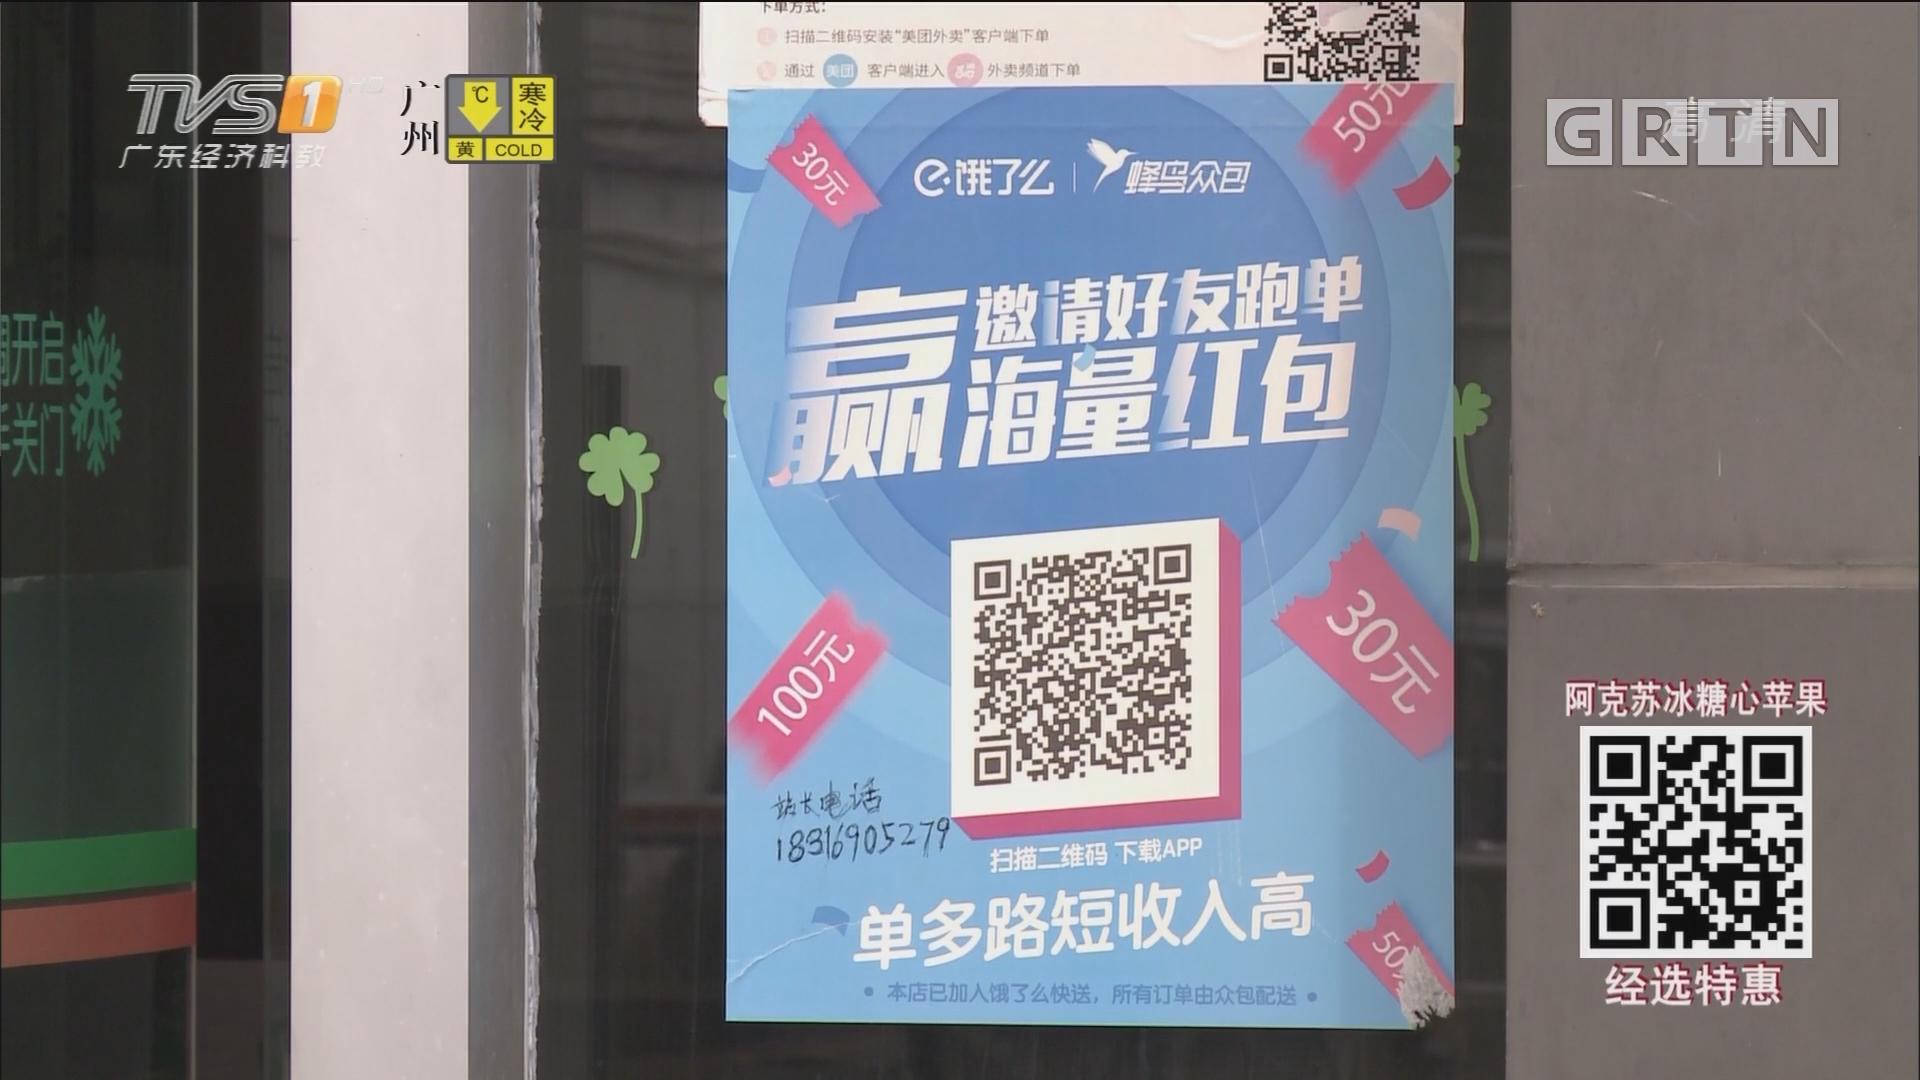 大数据:广州外卖点餐 最爱皮蛋瘦肉粥